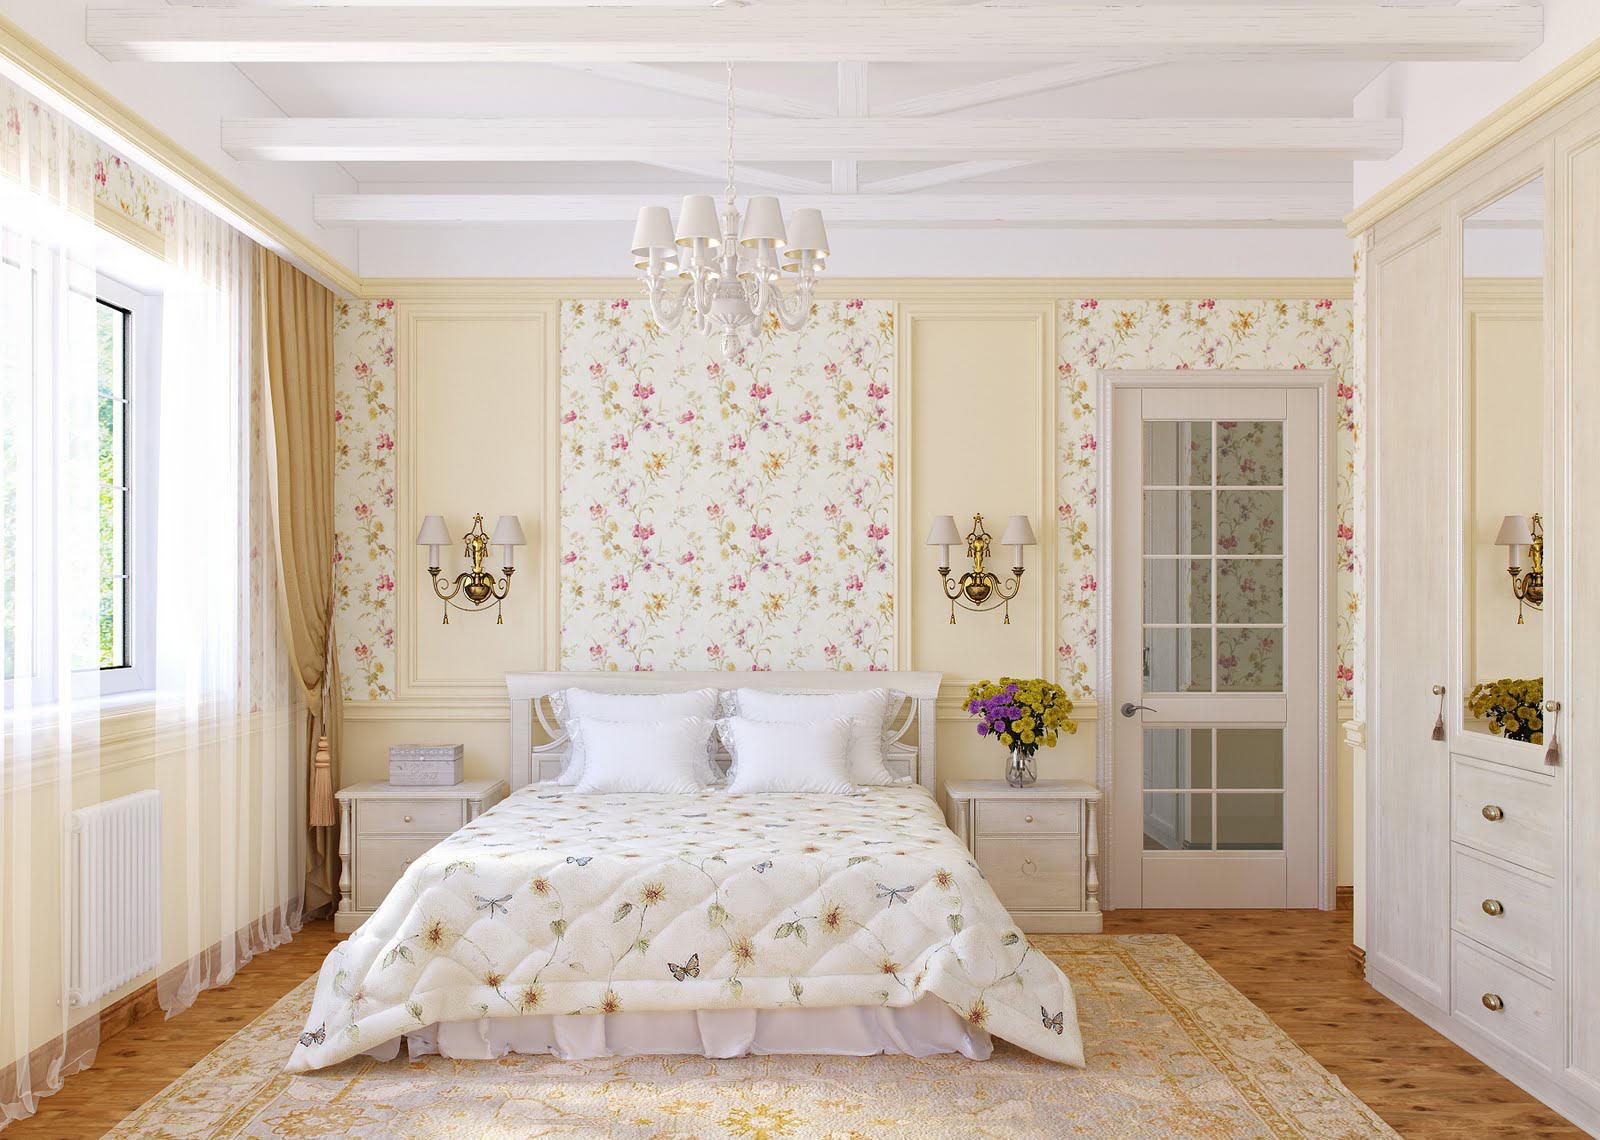 Оригинальные и стильные варианты оформления комнат в квартире